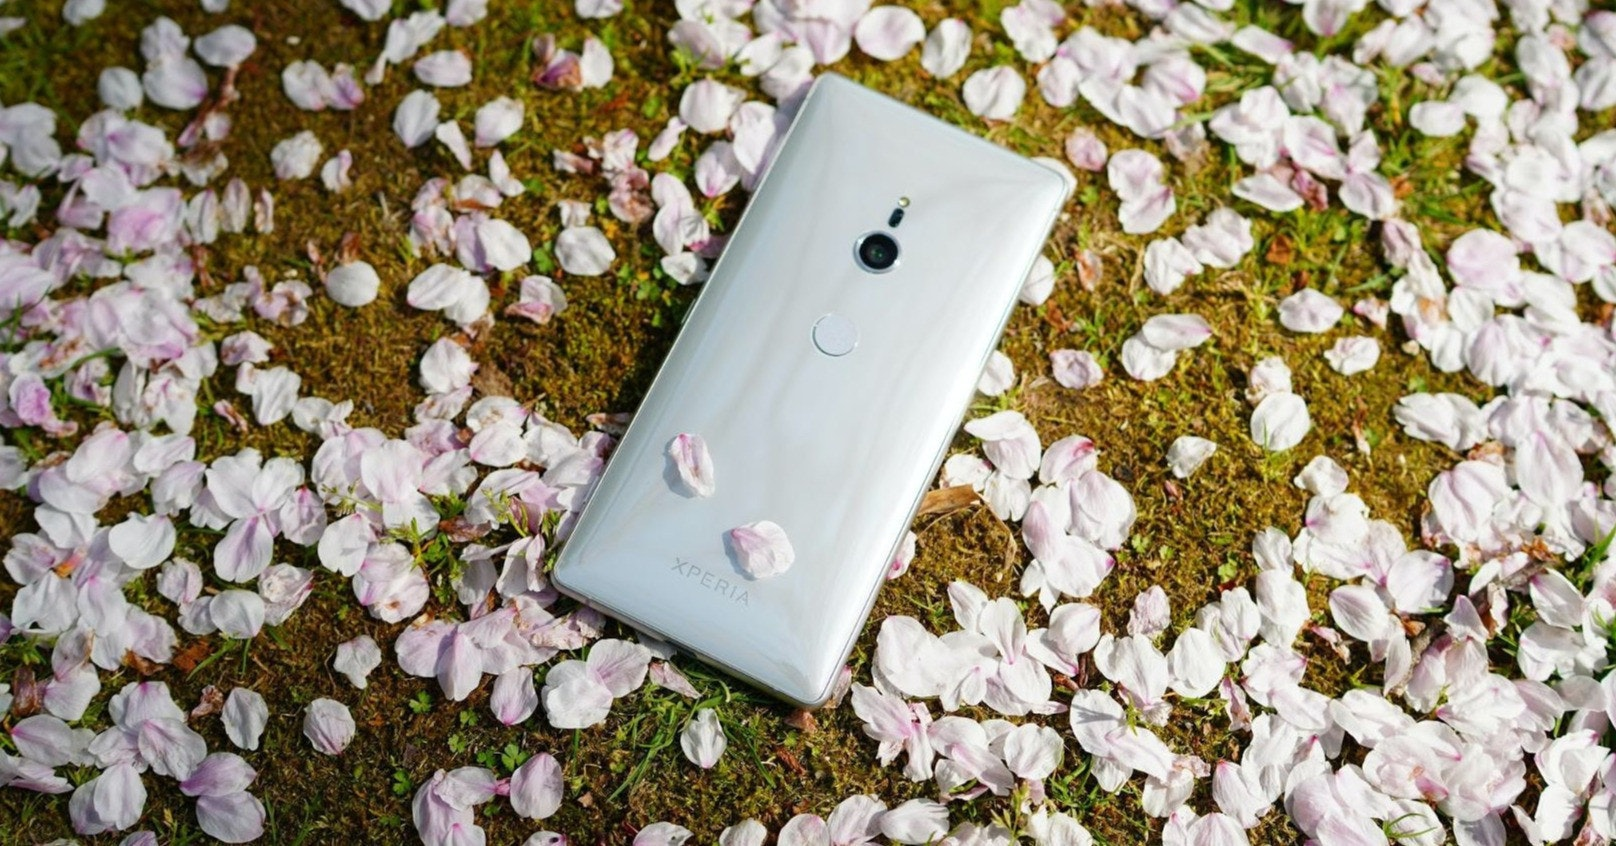 Flower, flower, flower, grass